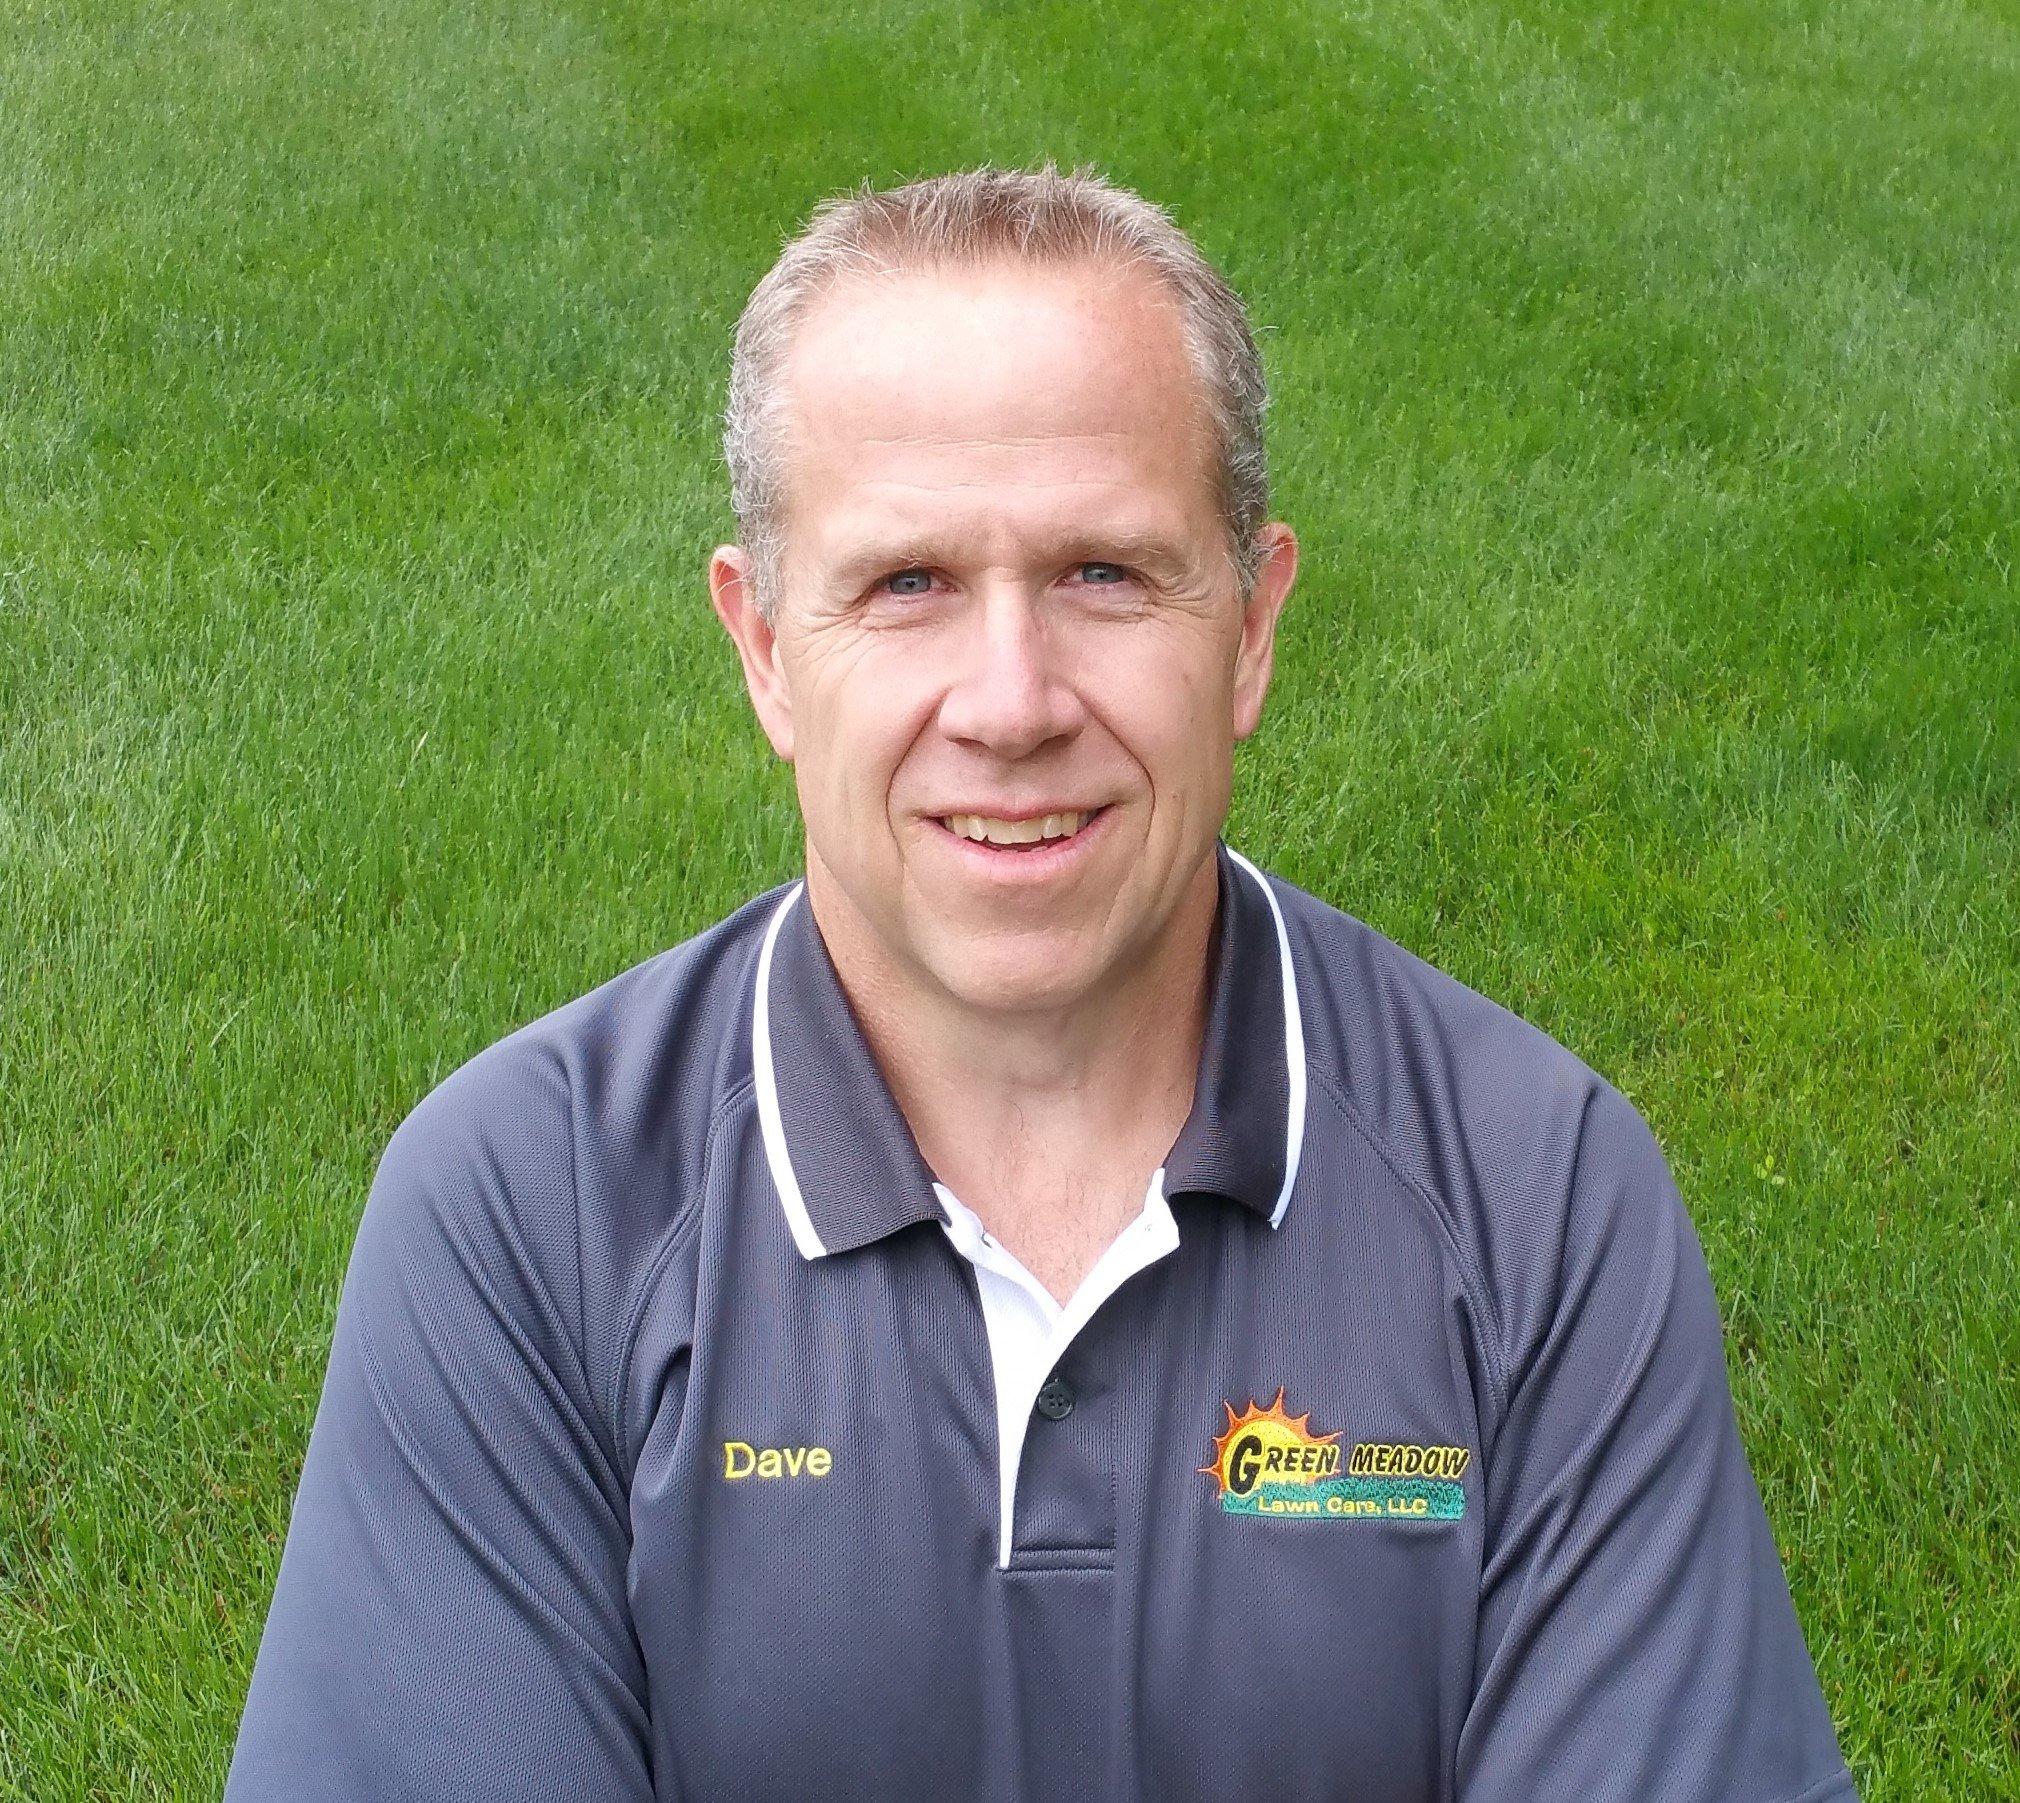 Dave Schwarm